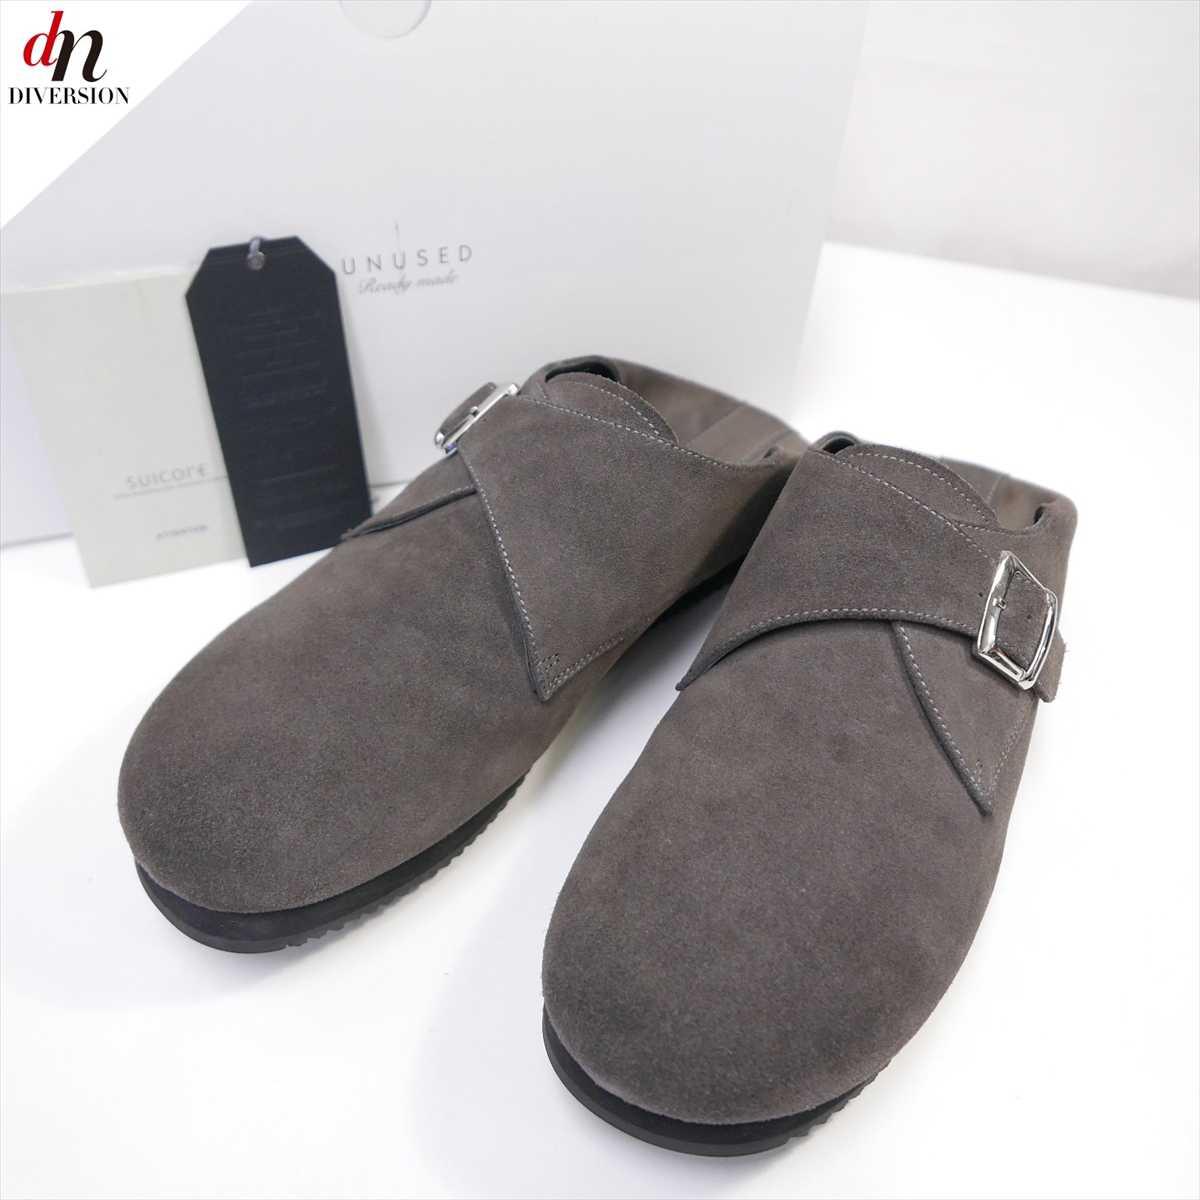 18SS UNUSED アンユーズド SUICOKE スイコック Monk Strap Shoes スエード レザー モンクストラップ シューズ CHARCOAL 27cm 【中古】 DNS-7608